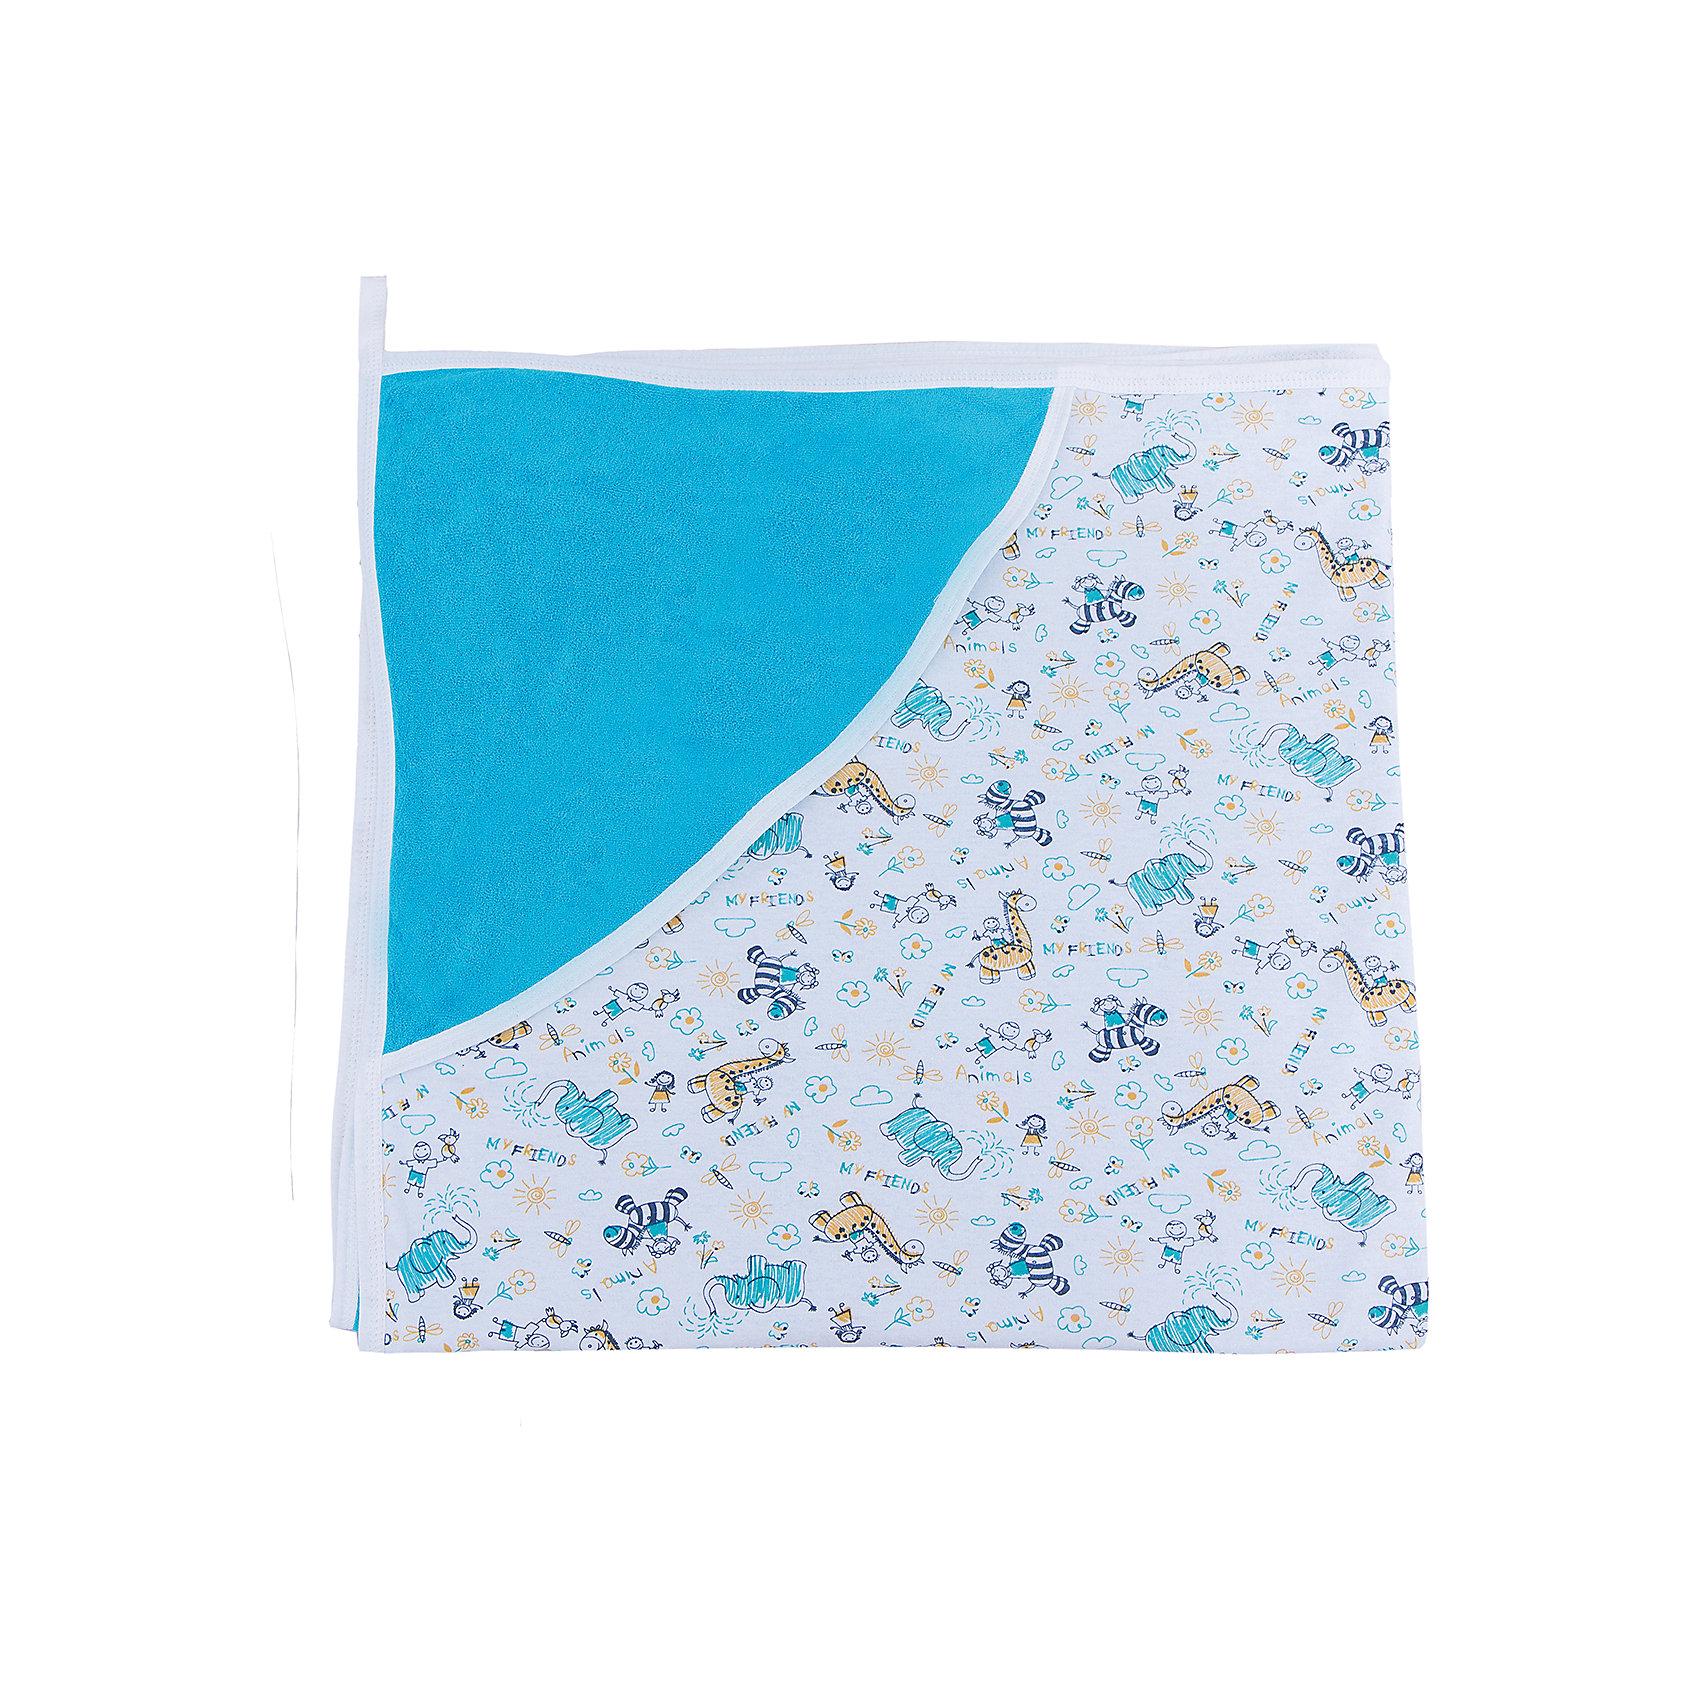 Пелёнка махровая, Сонный гномик, голубойПолотенца, мочалки, халаты<br>Характеристики:<br><br>• Вид детского текстиля: пеленка для купания<br>• Пол: для мальчика<br>• Тематика рисунка: сюжетный<br>• Сезон: круглый год<br>• Материал: хлопок 100%<br>• Цвет: голубой, белый, зеленый, бежевый<br>• Размеры: 90*90 см<br>• Наличие петельки для подвешивания<br>• Наличие уголка-капюшона<br>• Вес в упаковке: 320 г<br>• Особенности ухода: машинная стирка при температуре 30 градусов<br><br>Пелёнка махровая, Сонный гномик, голубой от отечественного торгового бренда изготовлена с учетом международных требований к качеству и безопасности товаров для детей. Пелёнка имеет удобную квадратную форму. Одна сторона выполнена из махрового полотна, вторая – из трикотажного полотна. Пеленка предназначена для купания, для удобства ее использования предусмотрена петелька для подвешивания на крючок. Для защиты головы малыша имеется капюшон в форме уголка. Изделие выполнено из натурального хлопка, что обеспечивает его хорошие влаговпитывающие свойства, при этом полотенце быстро высыхает и легко стирается. <br>Пелёнка махровая, Сонный гномик, голубой обеспечит комфорт как во время купания, так и отдыха после приема ванны! <br><br>Пелёнку махровую, Сонный гномик, голубую можно купить в нашем интернет-магазине.<br><br>Ширина мм: 140<br>Глубина мм: 50<br>Высота мм: 120<br>Вес г: 320<br>Возраст от месяцев: 0<br>Возраст до месяцев: 48<br>Пол: Мужской<br>Возраст: Детский<br>SKU: 5213395